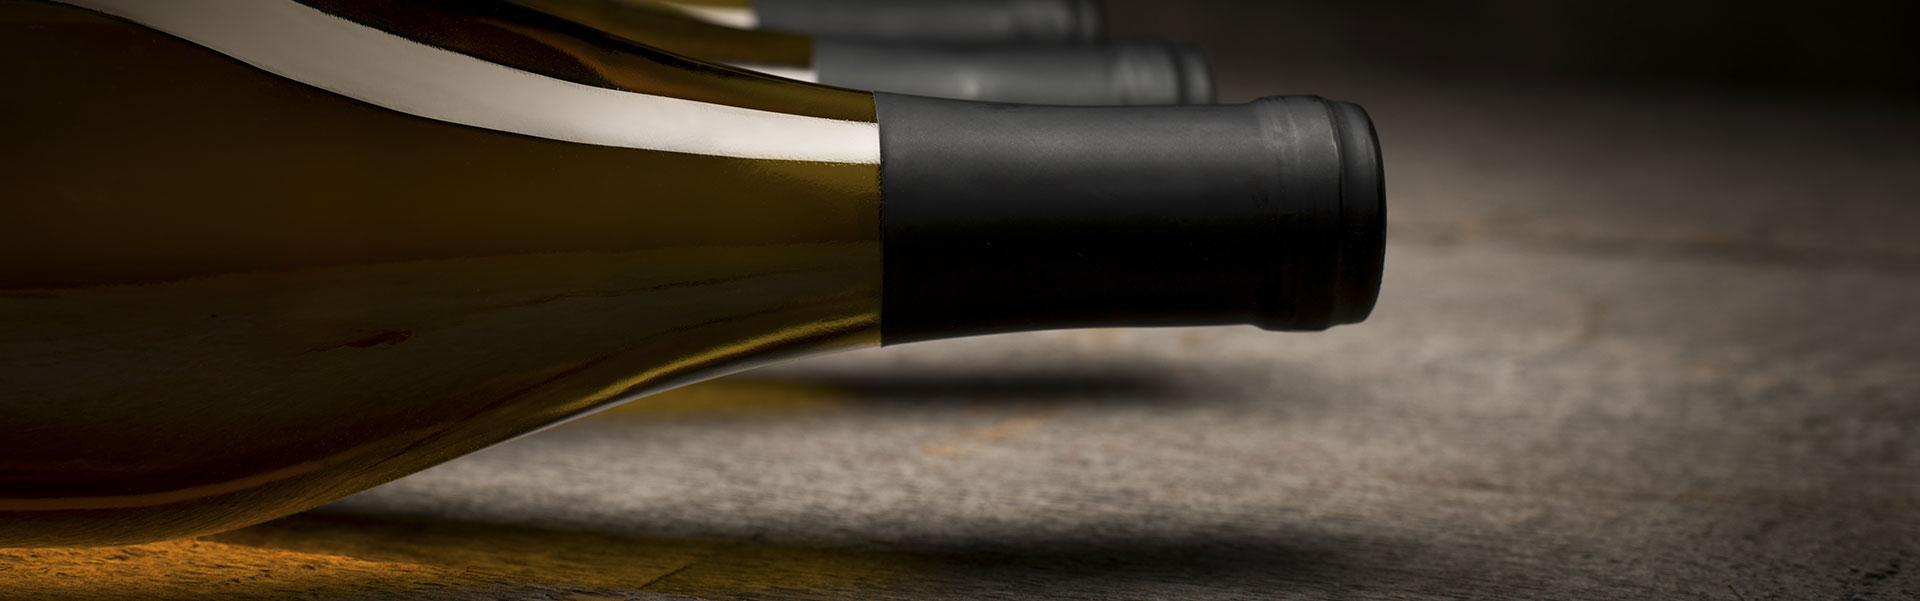 Catálogo de vinos y bodegas de Vinos Irusta